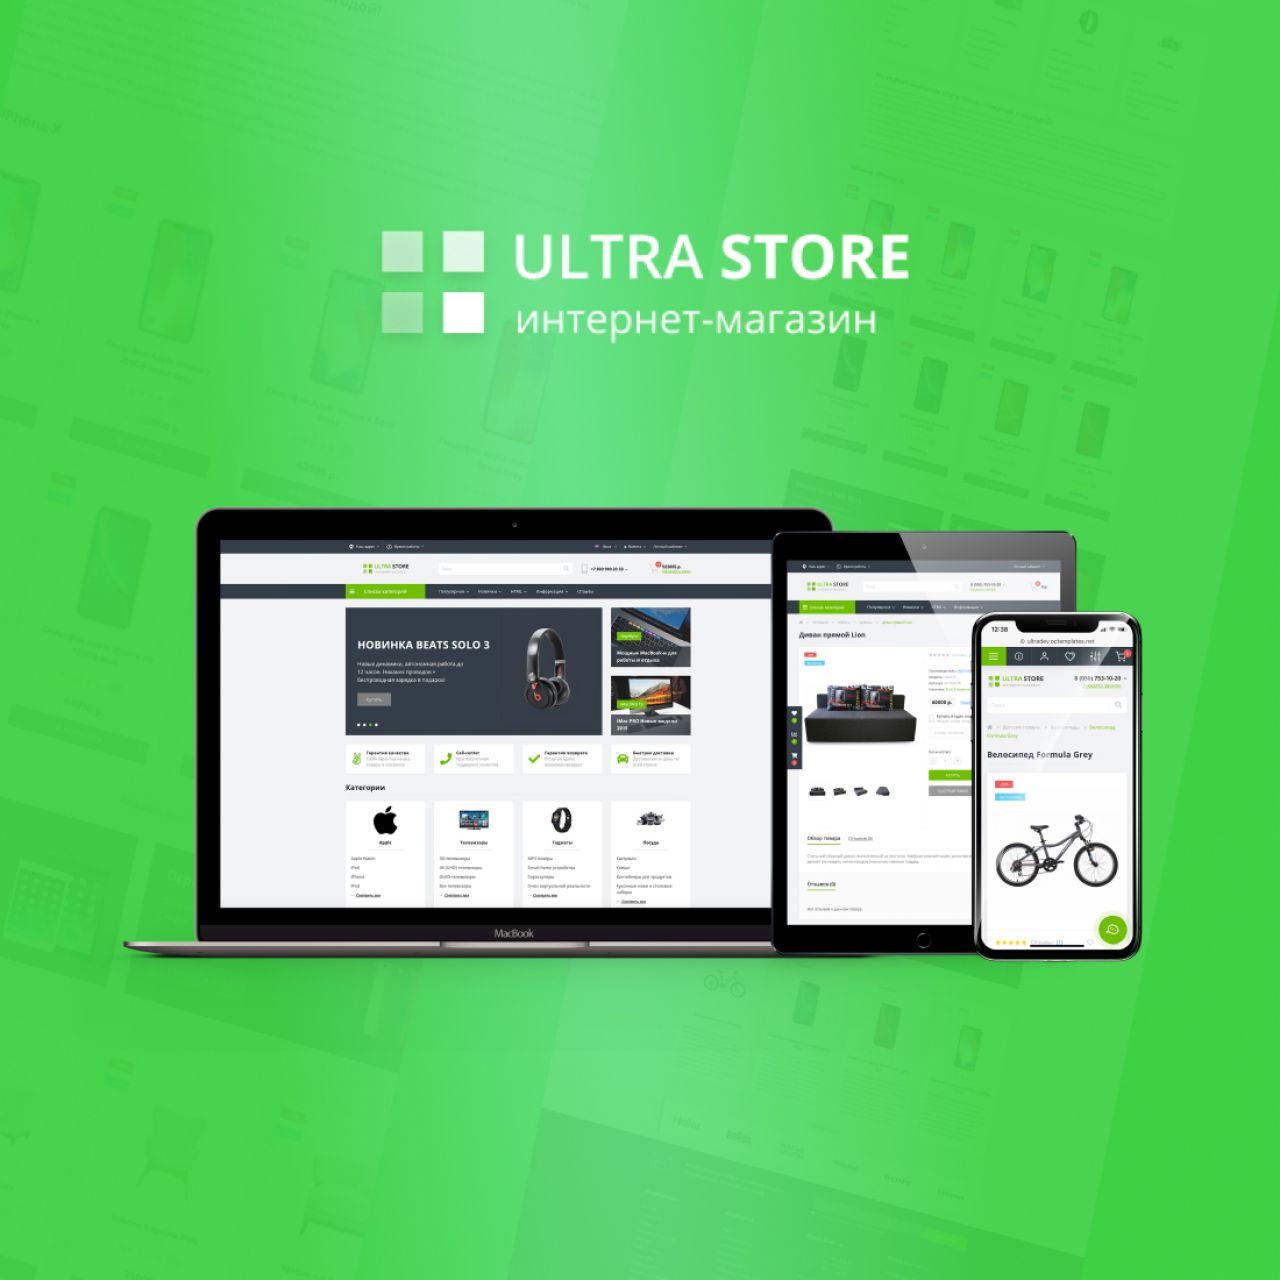 UltraStore - адаптивный универсальный шаблон  (v 1.0.4) из категории Шаблоны для CMS OpenCart (ОпенКарт)